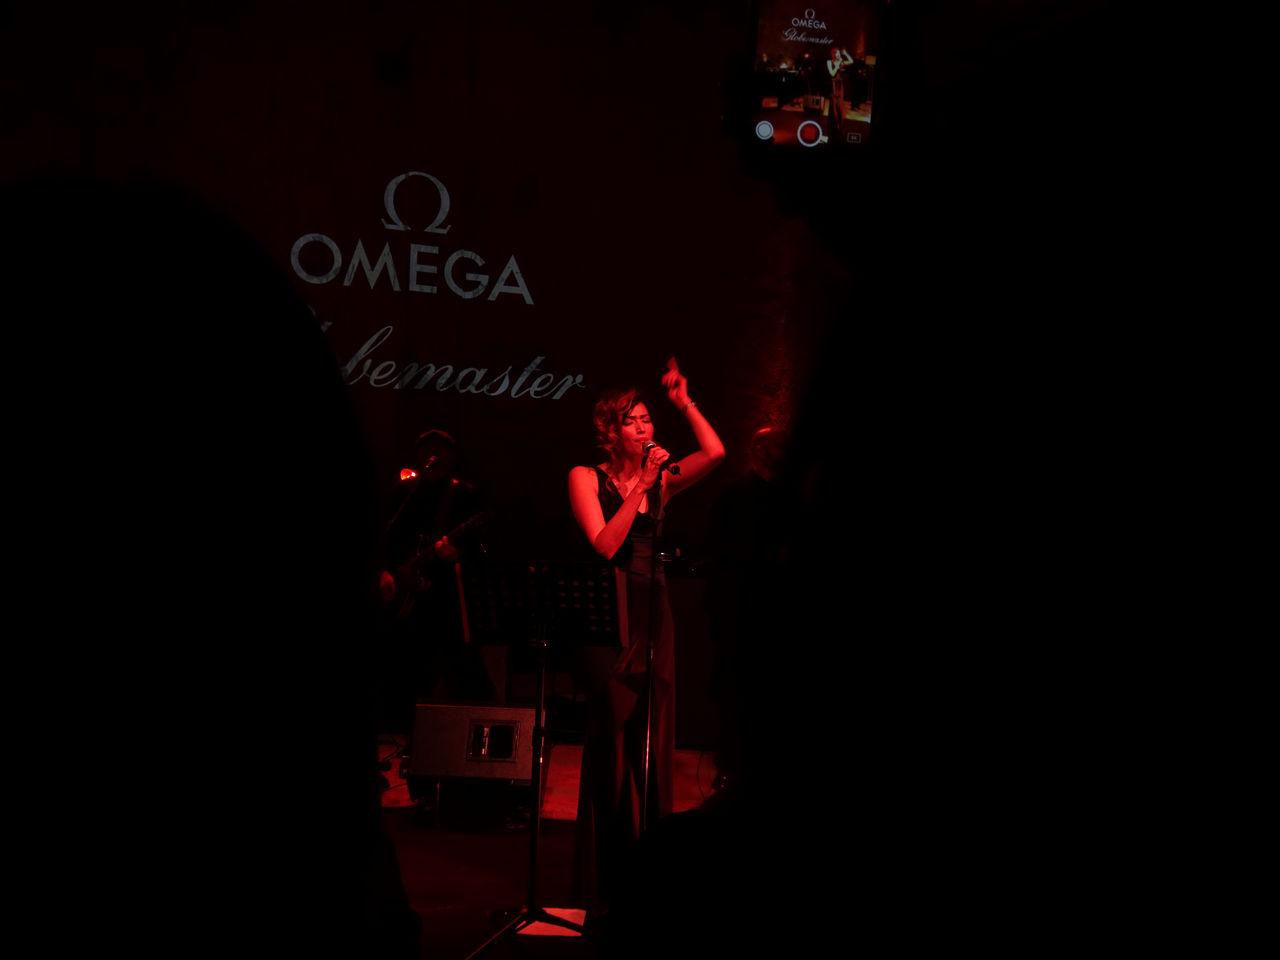 omega-presenta-la-collezione-globemaster-cracco-nina-zilli-milano-metas_0-1006